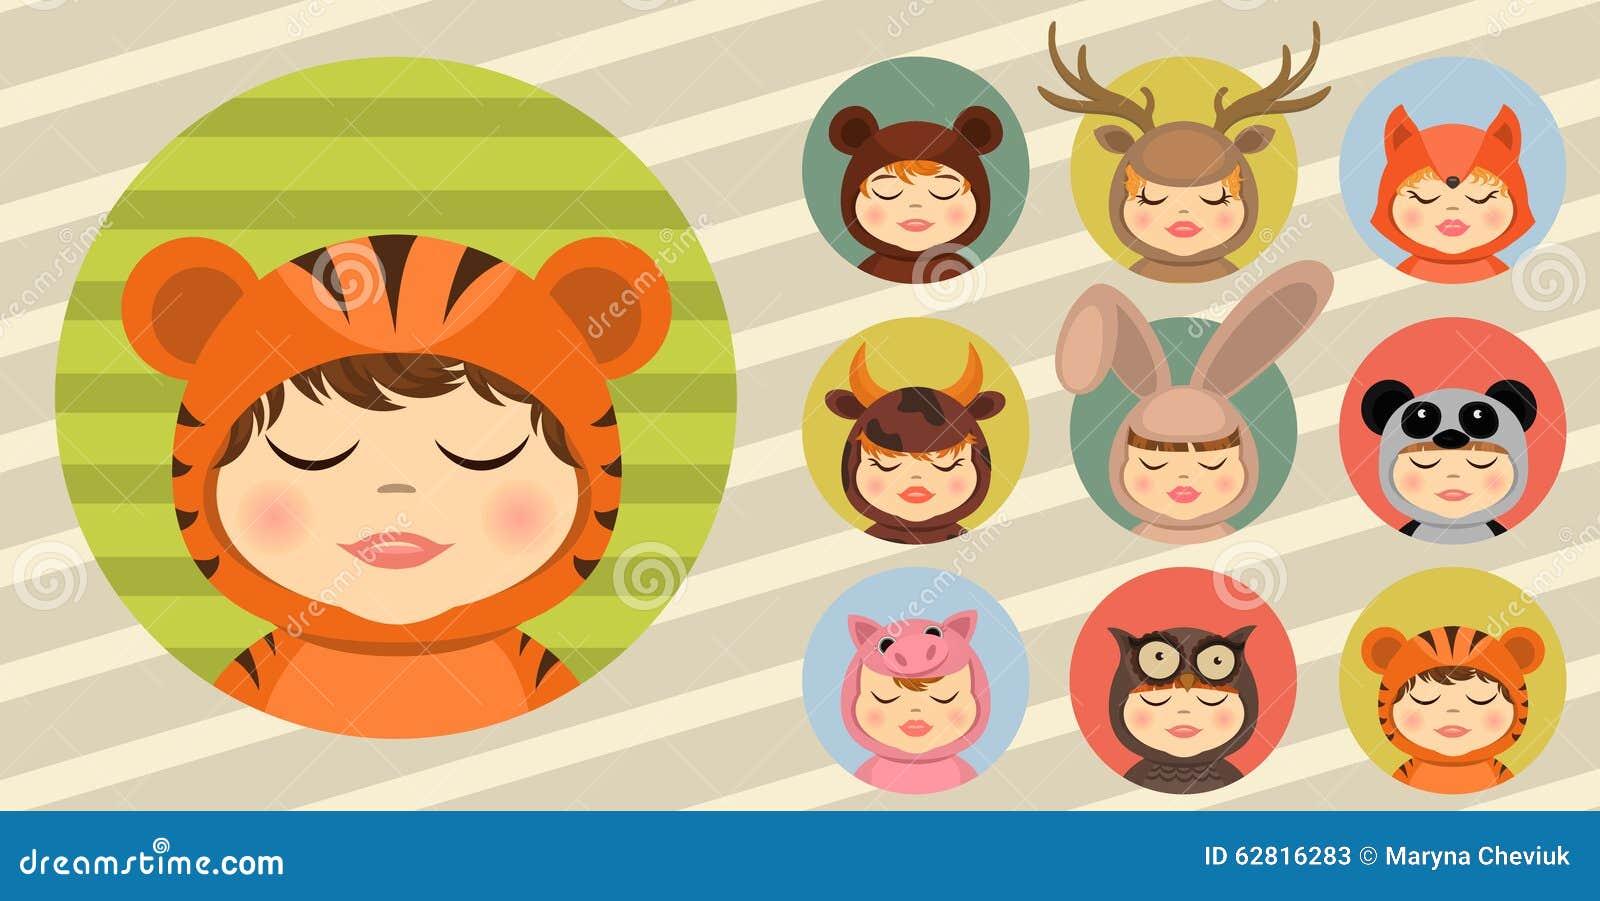 Pret dierlijke kostuums, geplaatst avatars